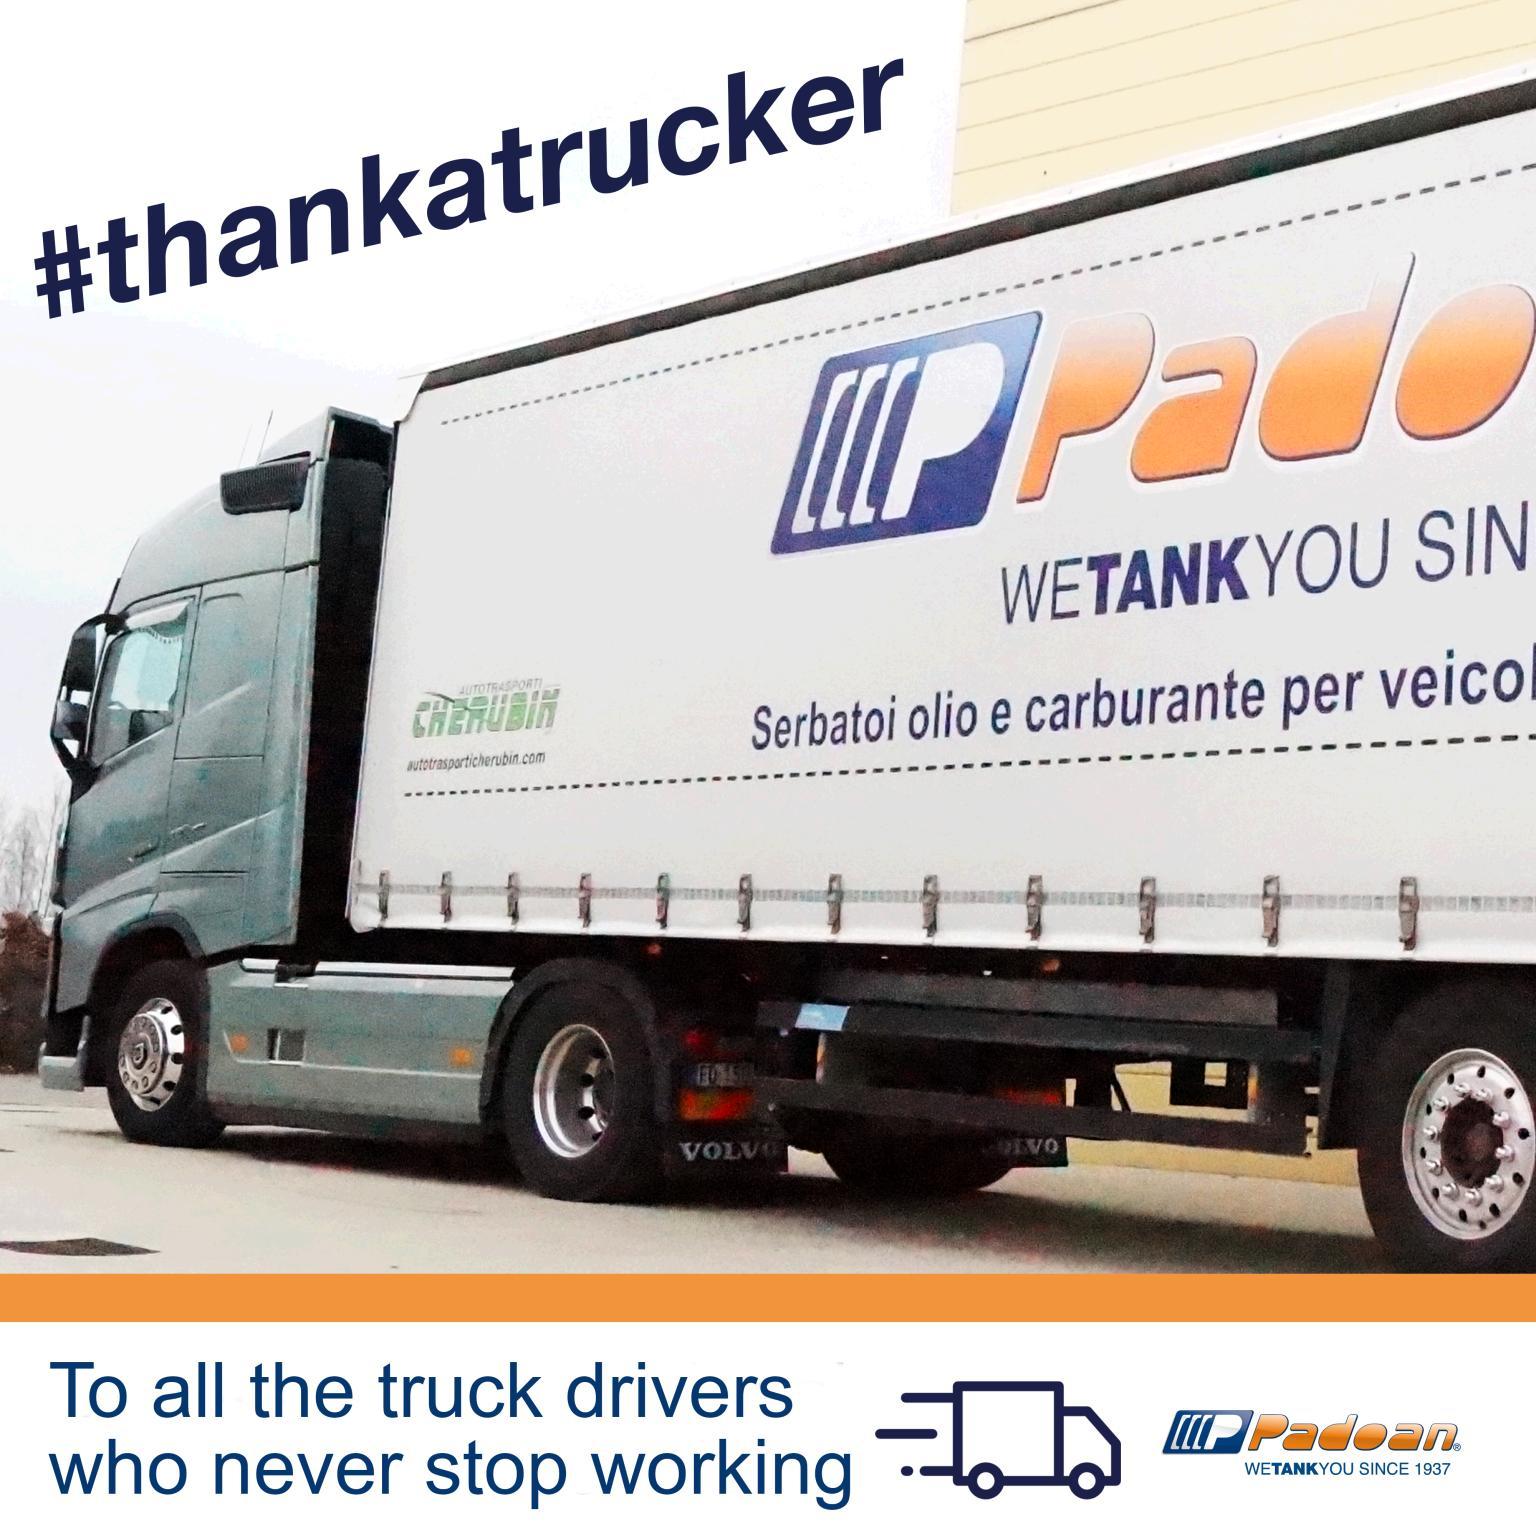 NEWS - #ThankATrucker – Il progetto